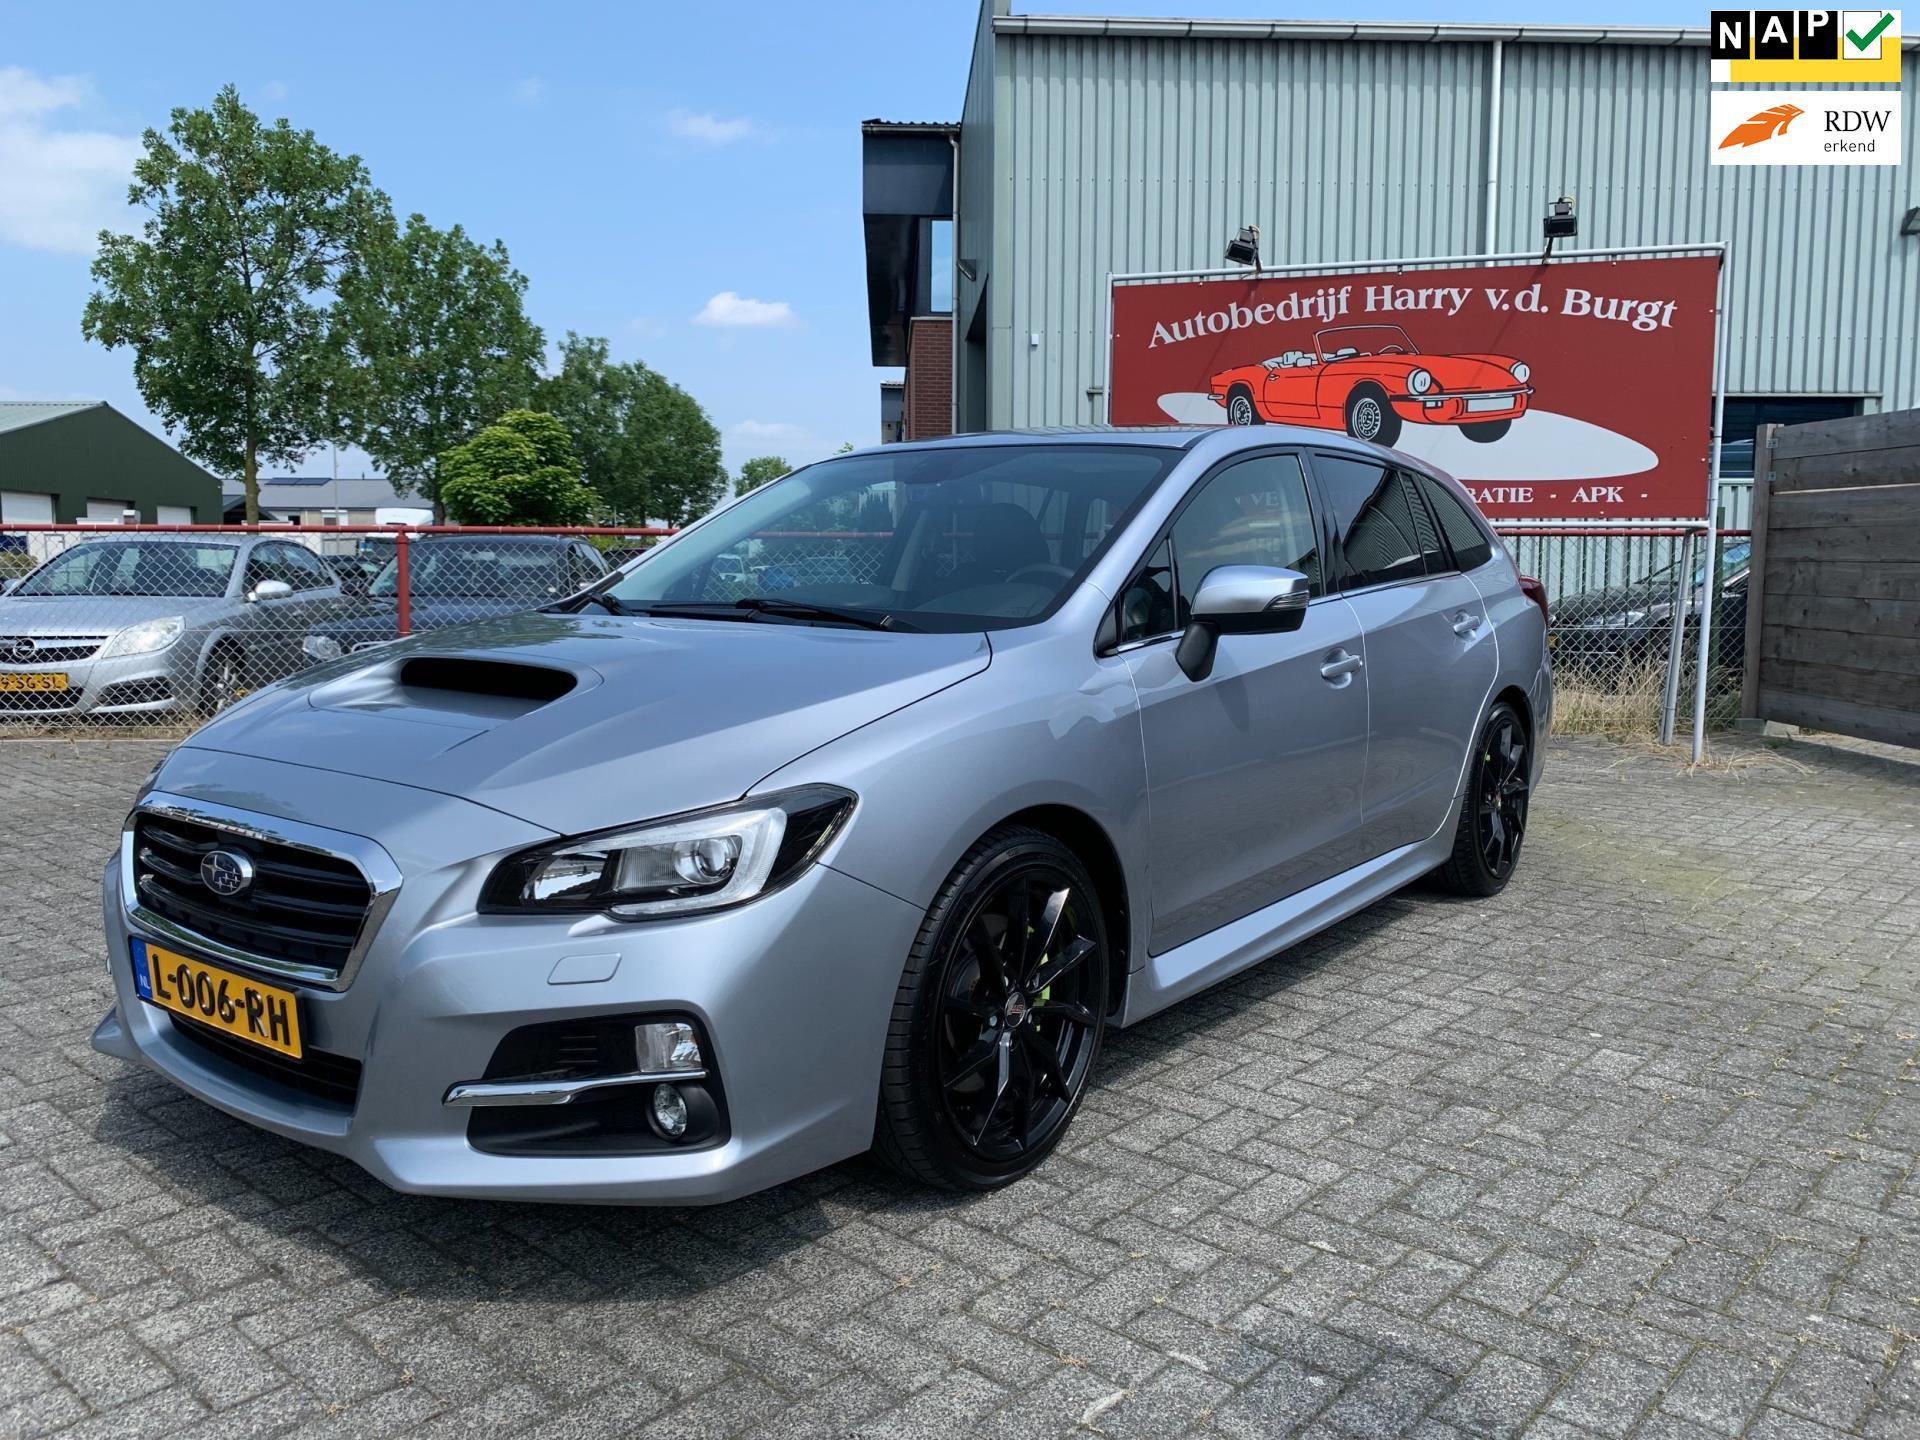 Subaru Levorg occasion - Autobedrijf Harry van der Burgt